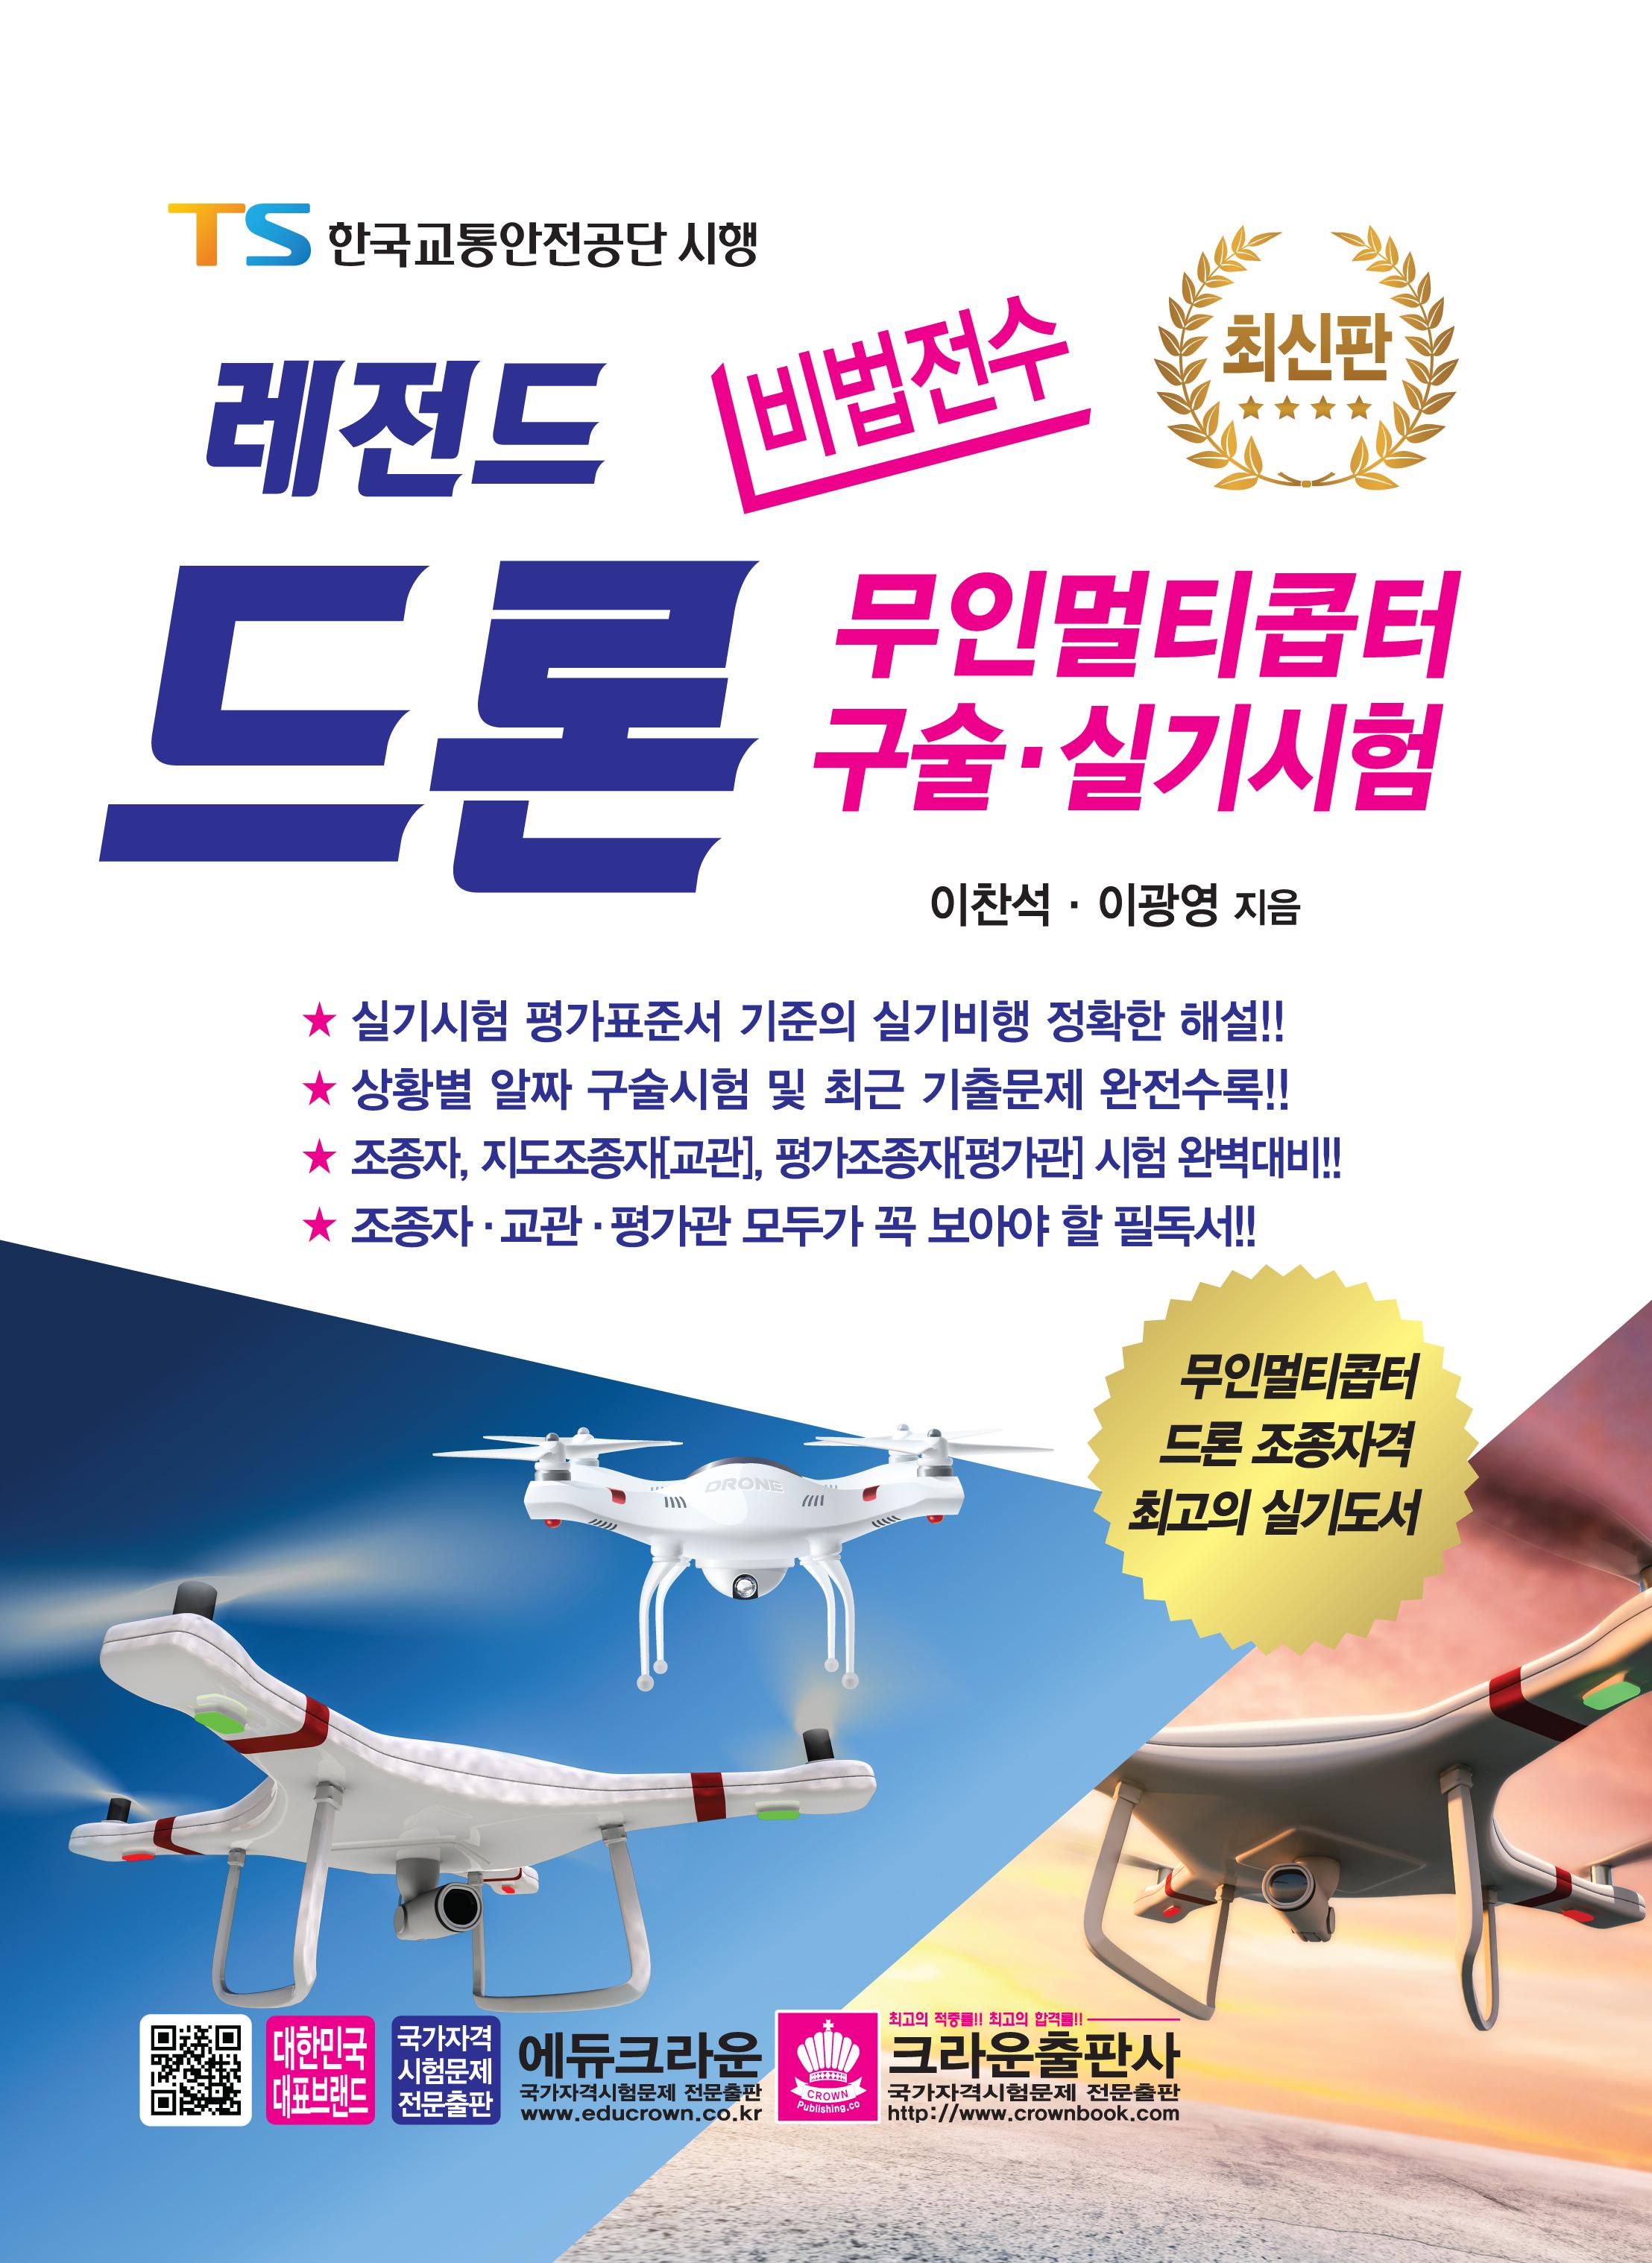 비법전수 레전드 드론 - 무인멀티콥터 구술 · 실기시험 (초판2쇄)